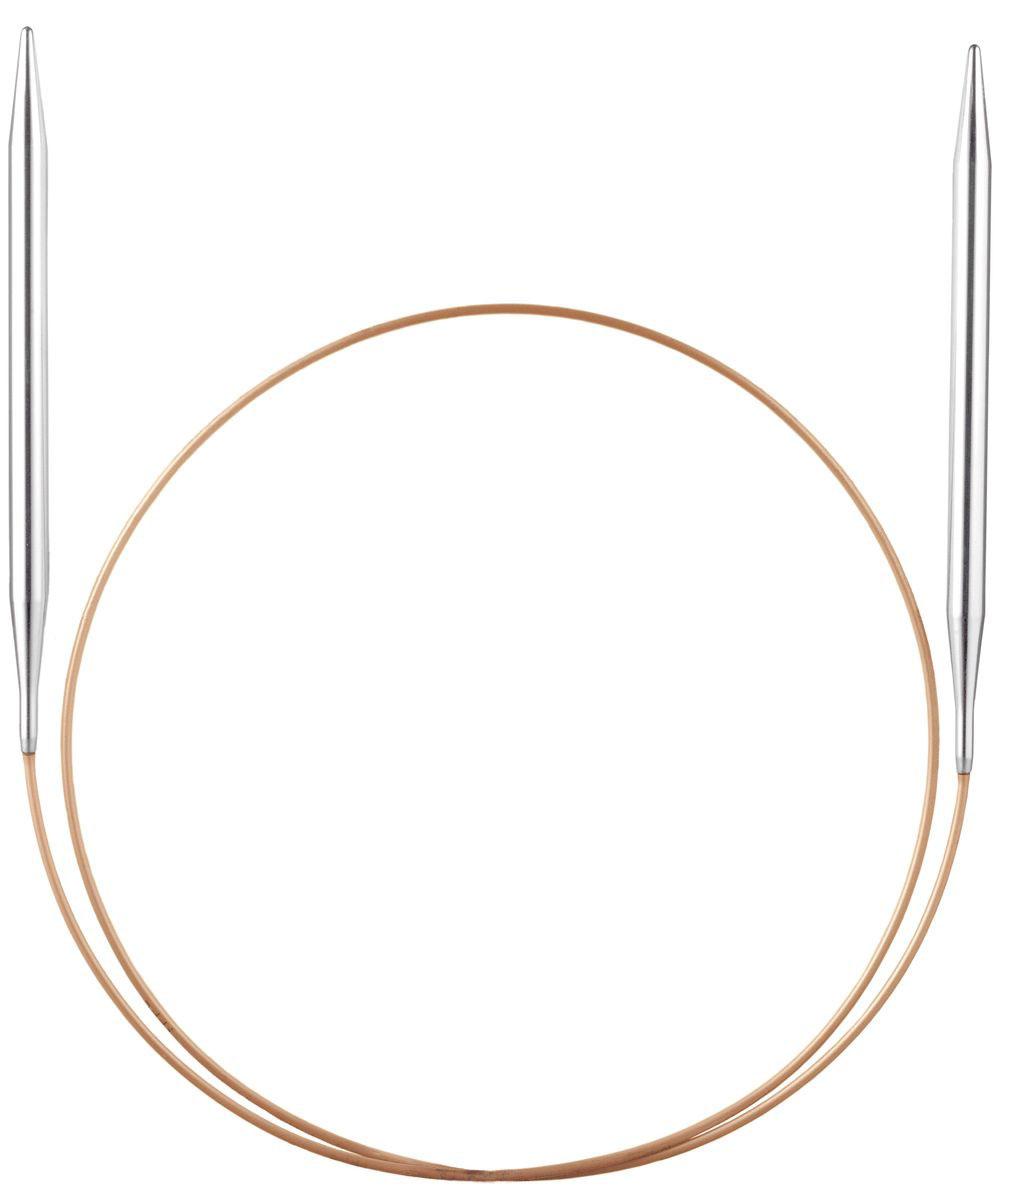 ADDI Спицы, круговые, супергладкие, никель, №5,0, 150 см105-7/5-150Спица полая, очень легкая. Это качество особенно удобно у толстых спиц. Легкий вес бережет руки. Очень тонкие и гладкие переходы от спицы к леске. Пряжа лучше скользит. Самый большой выбор размеров в мире. Мягкая и гибкая леска с размером и надписью Made in Germany. Каждая спица проходит 25 трудоемких производственных процессов. Контроль качества гарантирует, что только лучшие спицы попадут на рынок